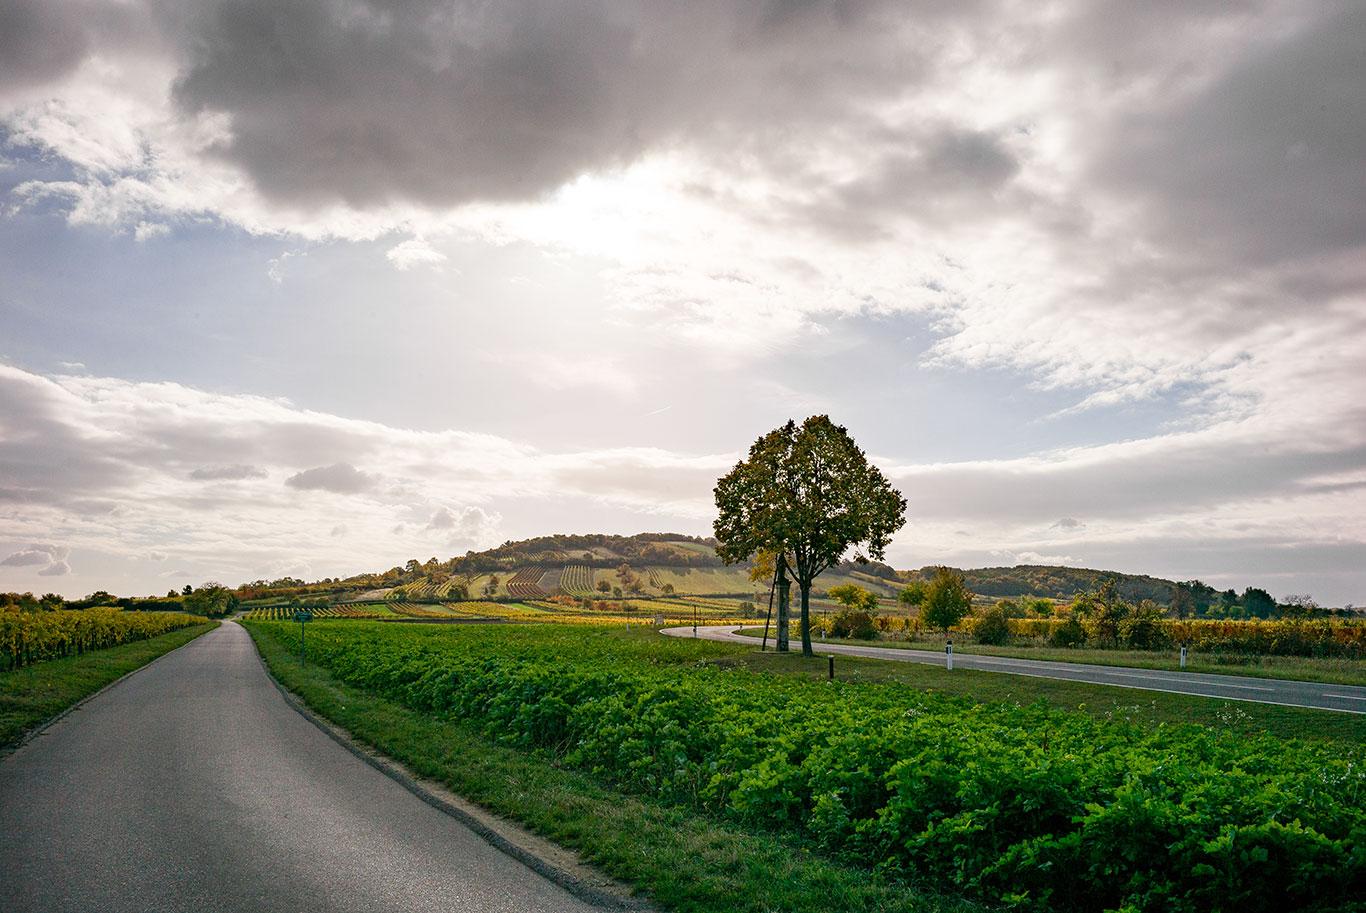 Straße im Burgenland mit blick auf Weingärten